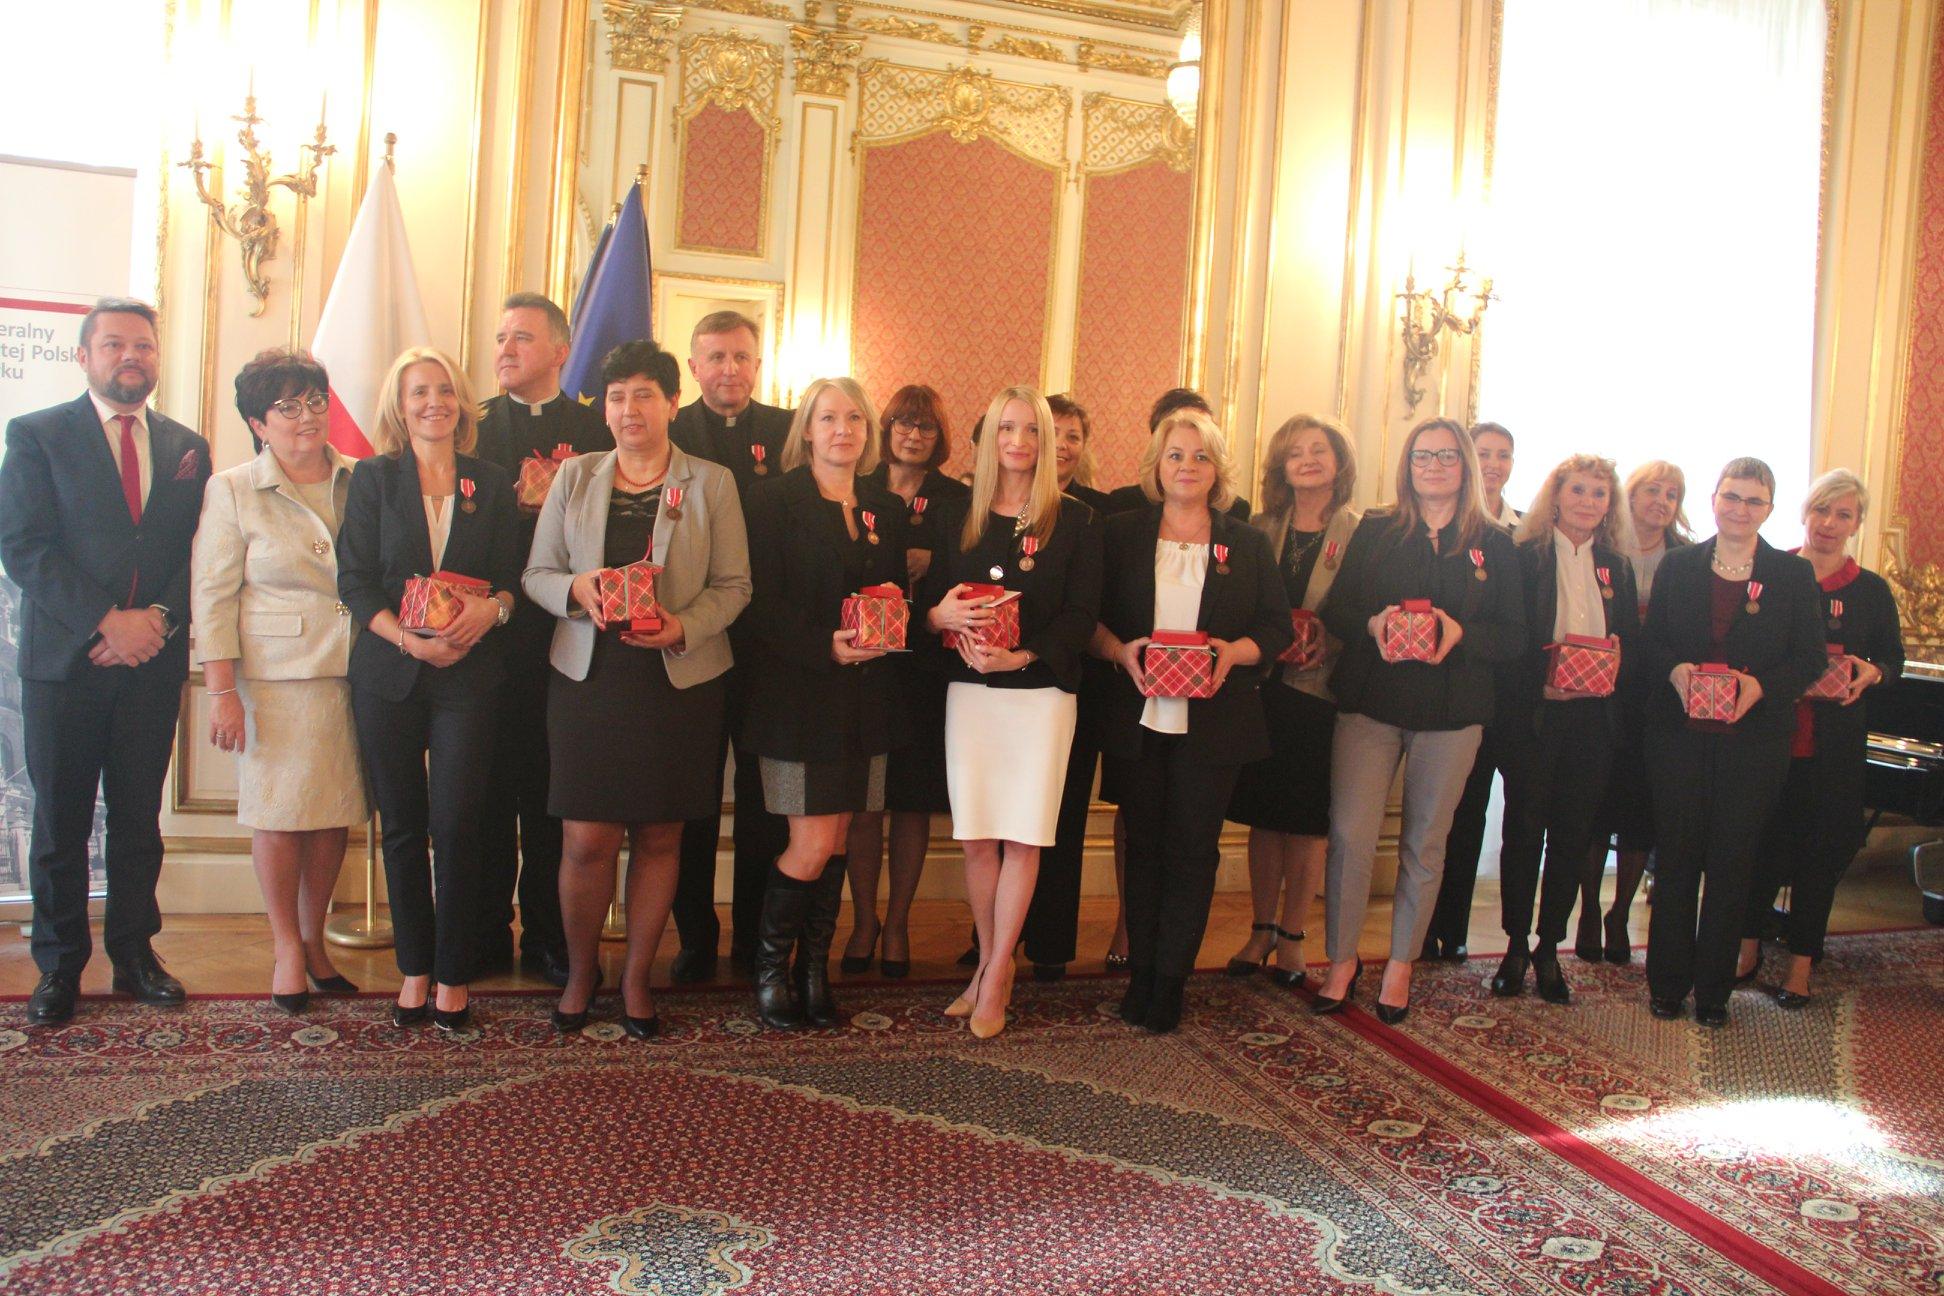 Medale Komisji Edukacji dla osób zasłużonych dla szkolnictwa polonijnego na wschodnim wybrzeżu USA